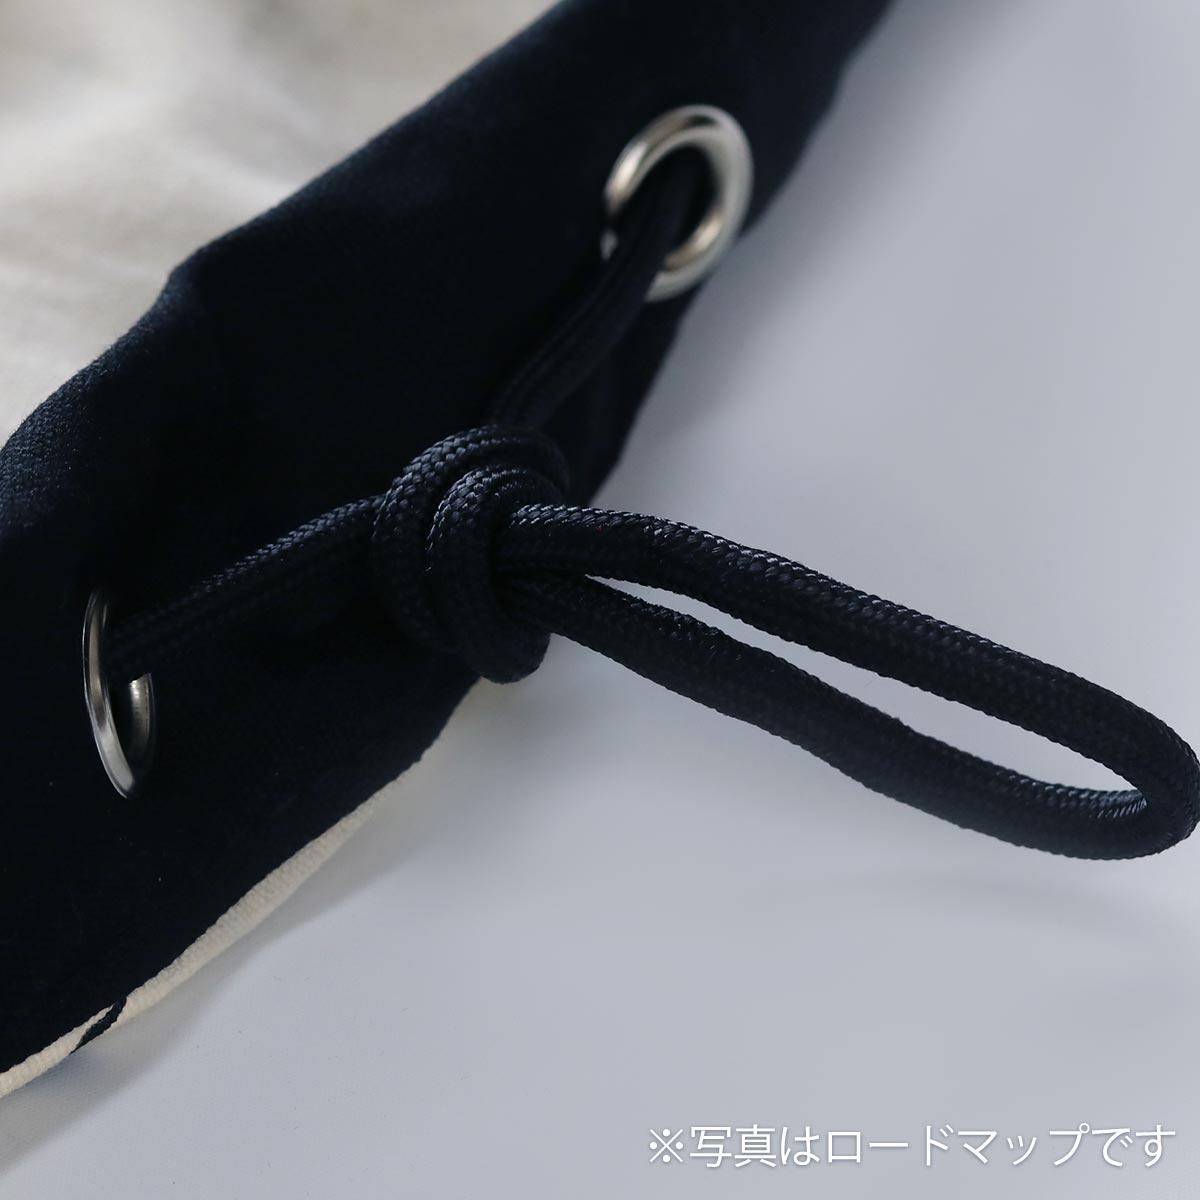 お好みで紐の端を結んでマットの開き具合を調整できます。